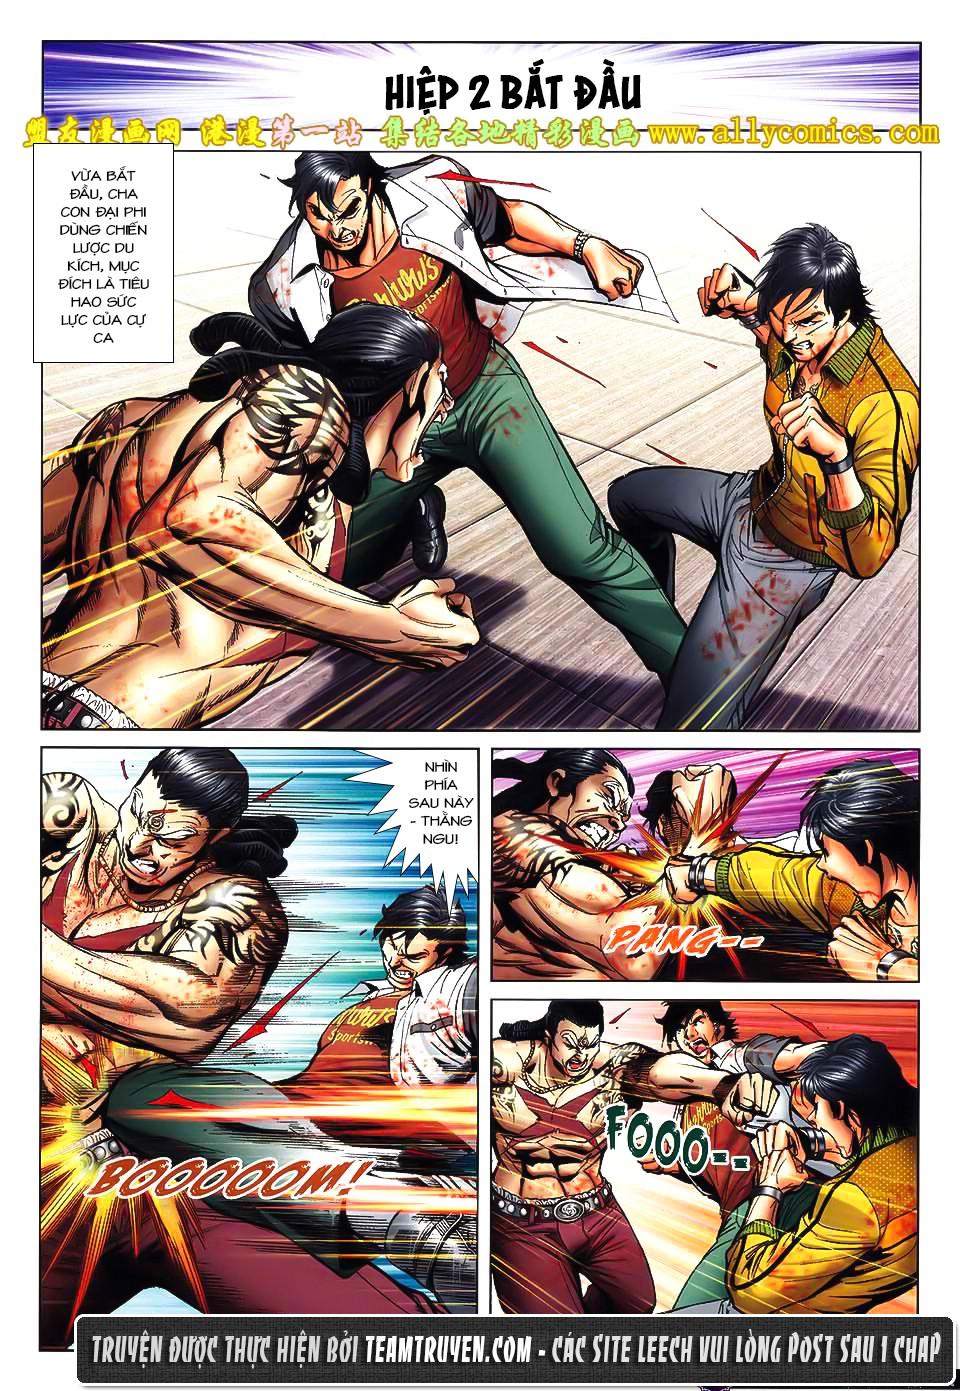 Người Trong Giang Hồ NetTruyen chap 1554 - Trang 10